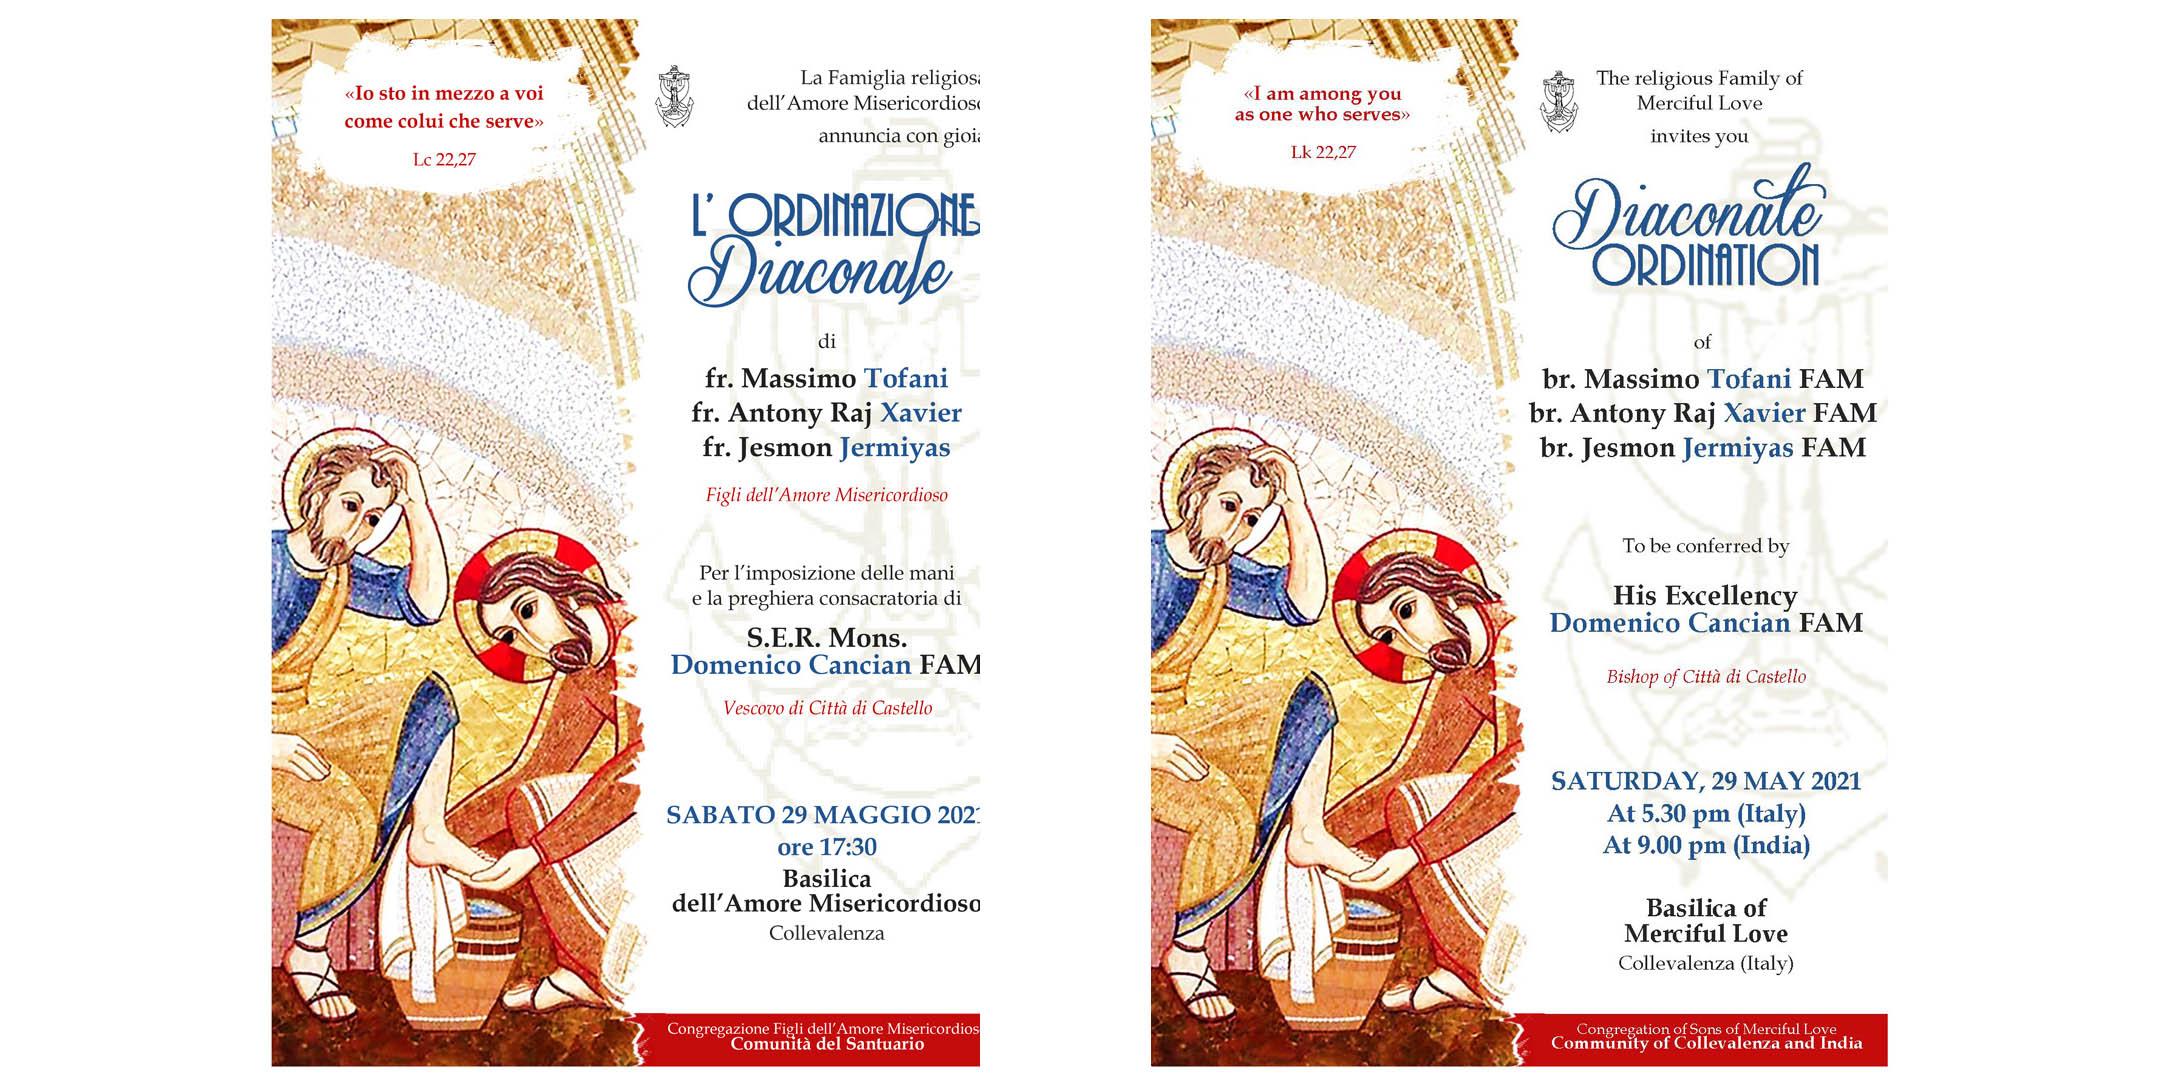 29 maggio 2021 Ordinazione Diaconale